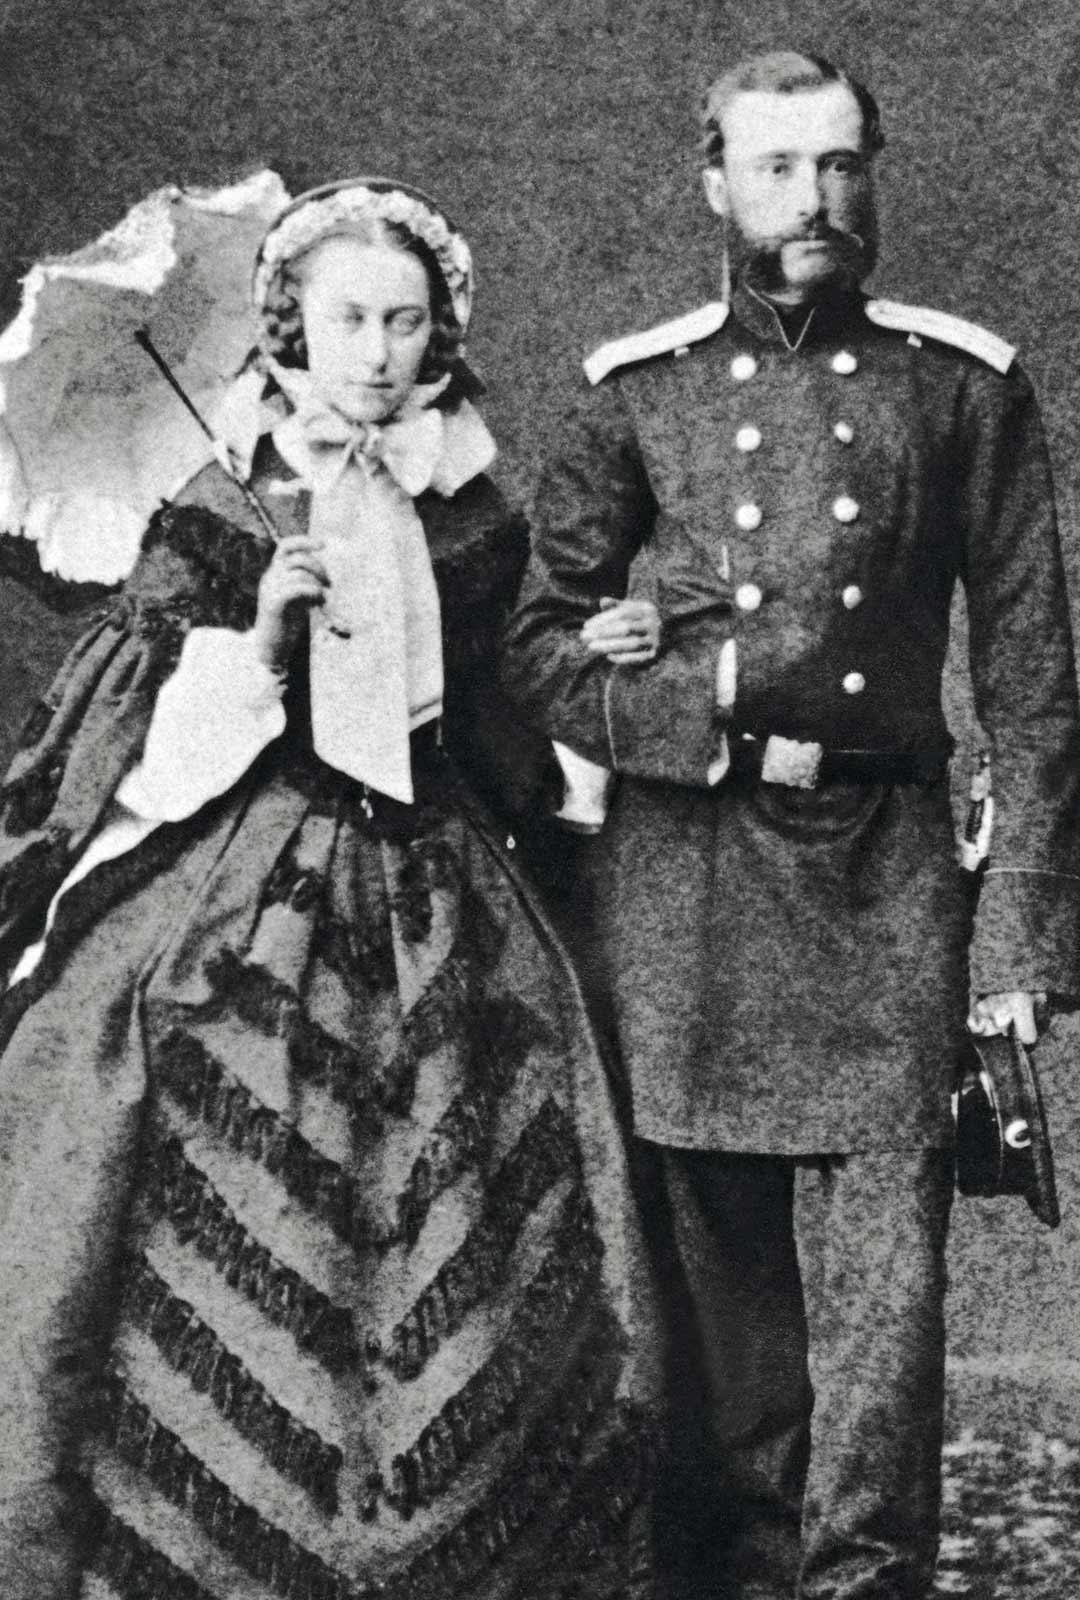 Useat ranskankieliset lemmenkirjeet todistavat Marie ja Constantin Linderin tulisesta rakastumisesta. Vuosien mittaan he riitaantuivat. Pariskunta keskusteli toistuvasti erosta, ja Constantin valmistautui luovuttamaan vaimolleen tältä tulleen omaisuuden. Liitto kuitenkin kesti. Marien kuoltua Constantin meni uusiin naimisiin, hylkäsi vapaamielisyyden ja kohosi Suomen senaatin talousosaston varapuheenjohtajaksi, nykyistä pääministerin tehtävää vastaavaan virkaan.